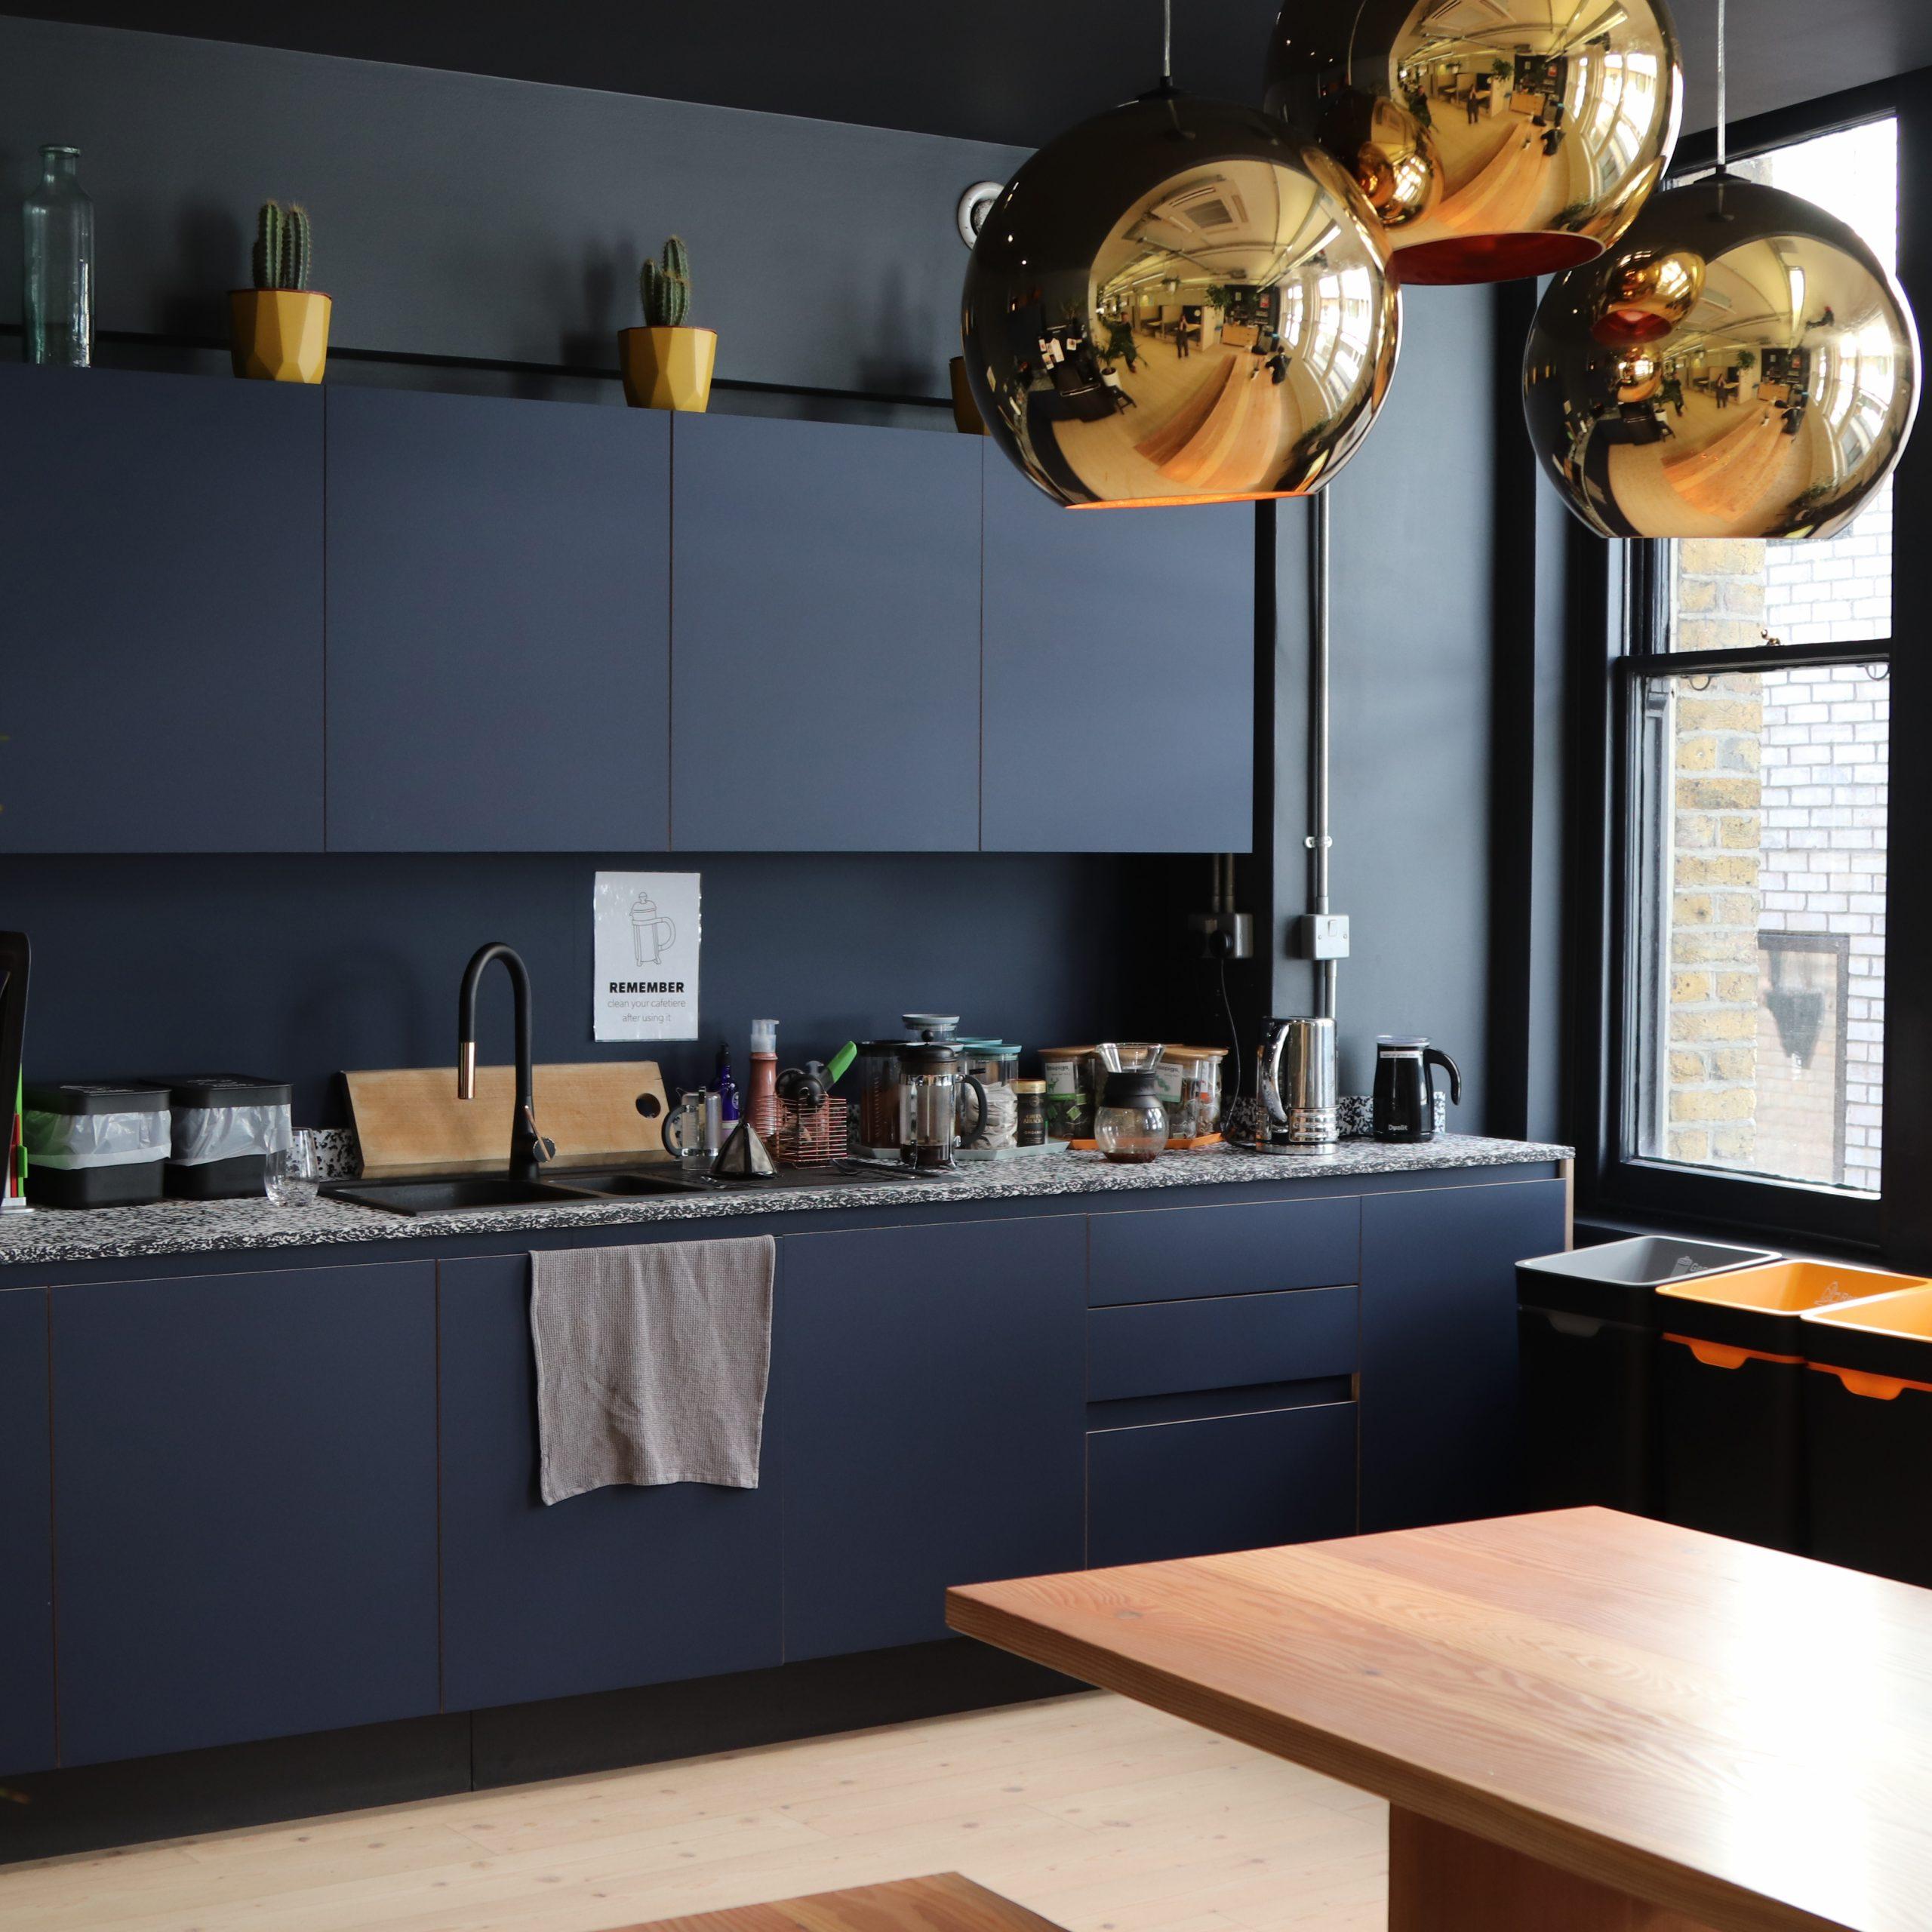 Idean Kitchen by Jackdaw Studio.